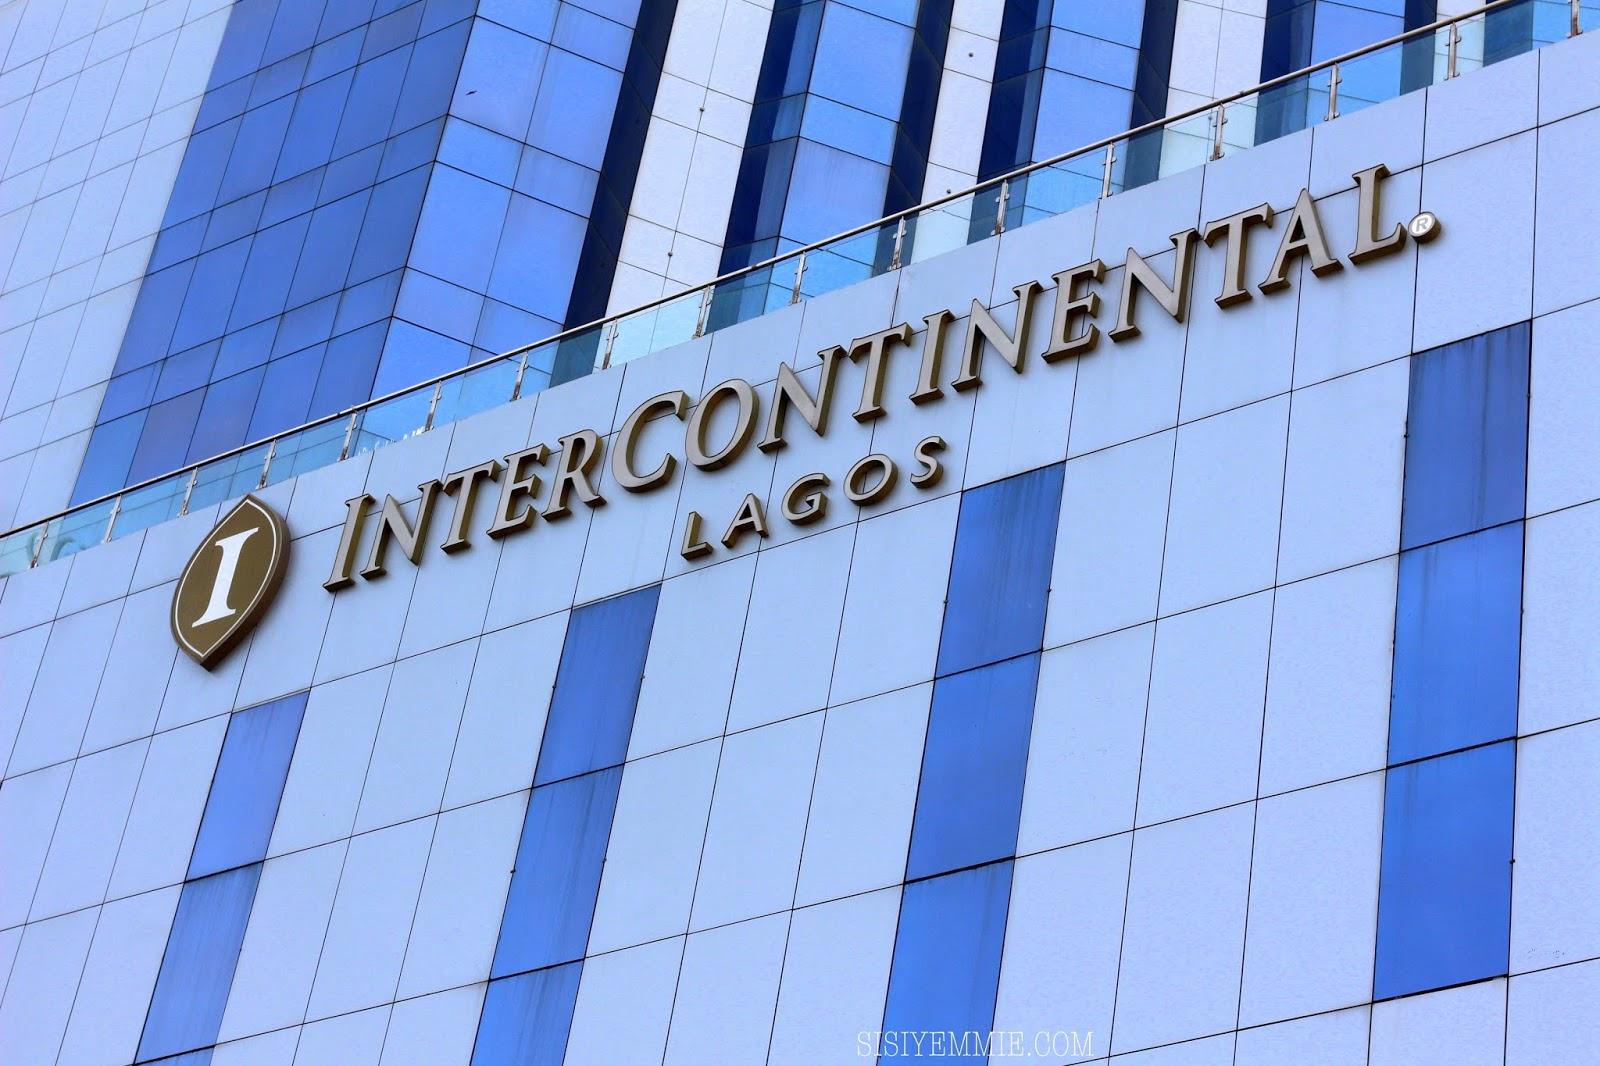 Intercontinental Hotel lagos sisiyemmie giveaway G.JPG